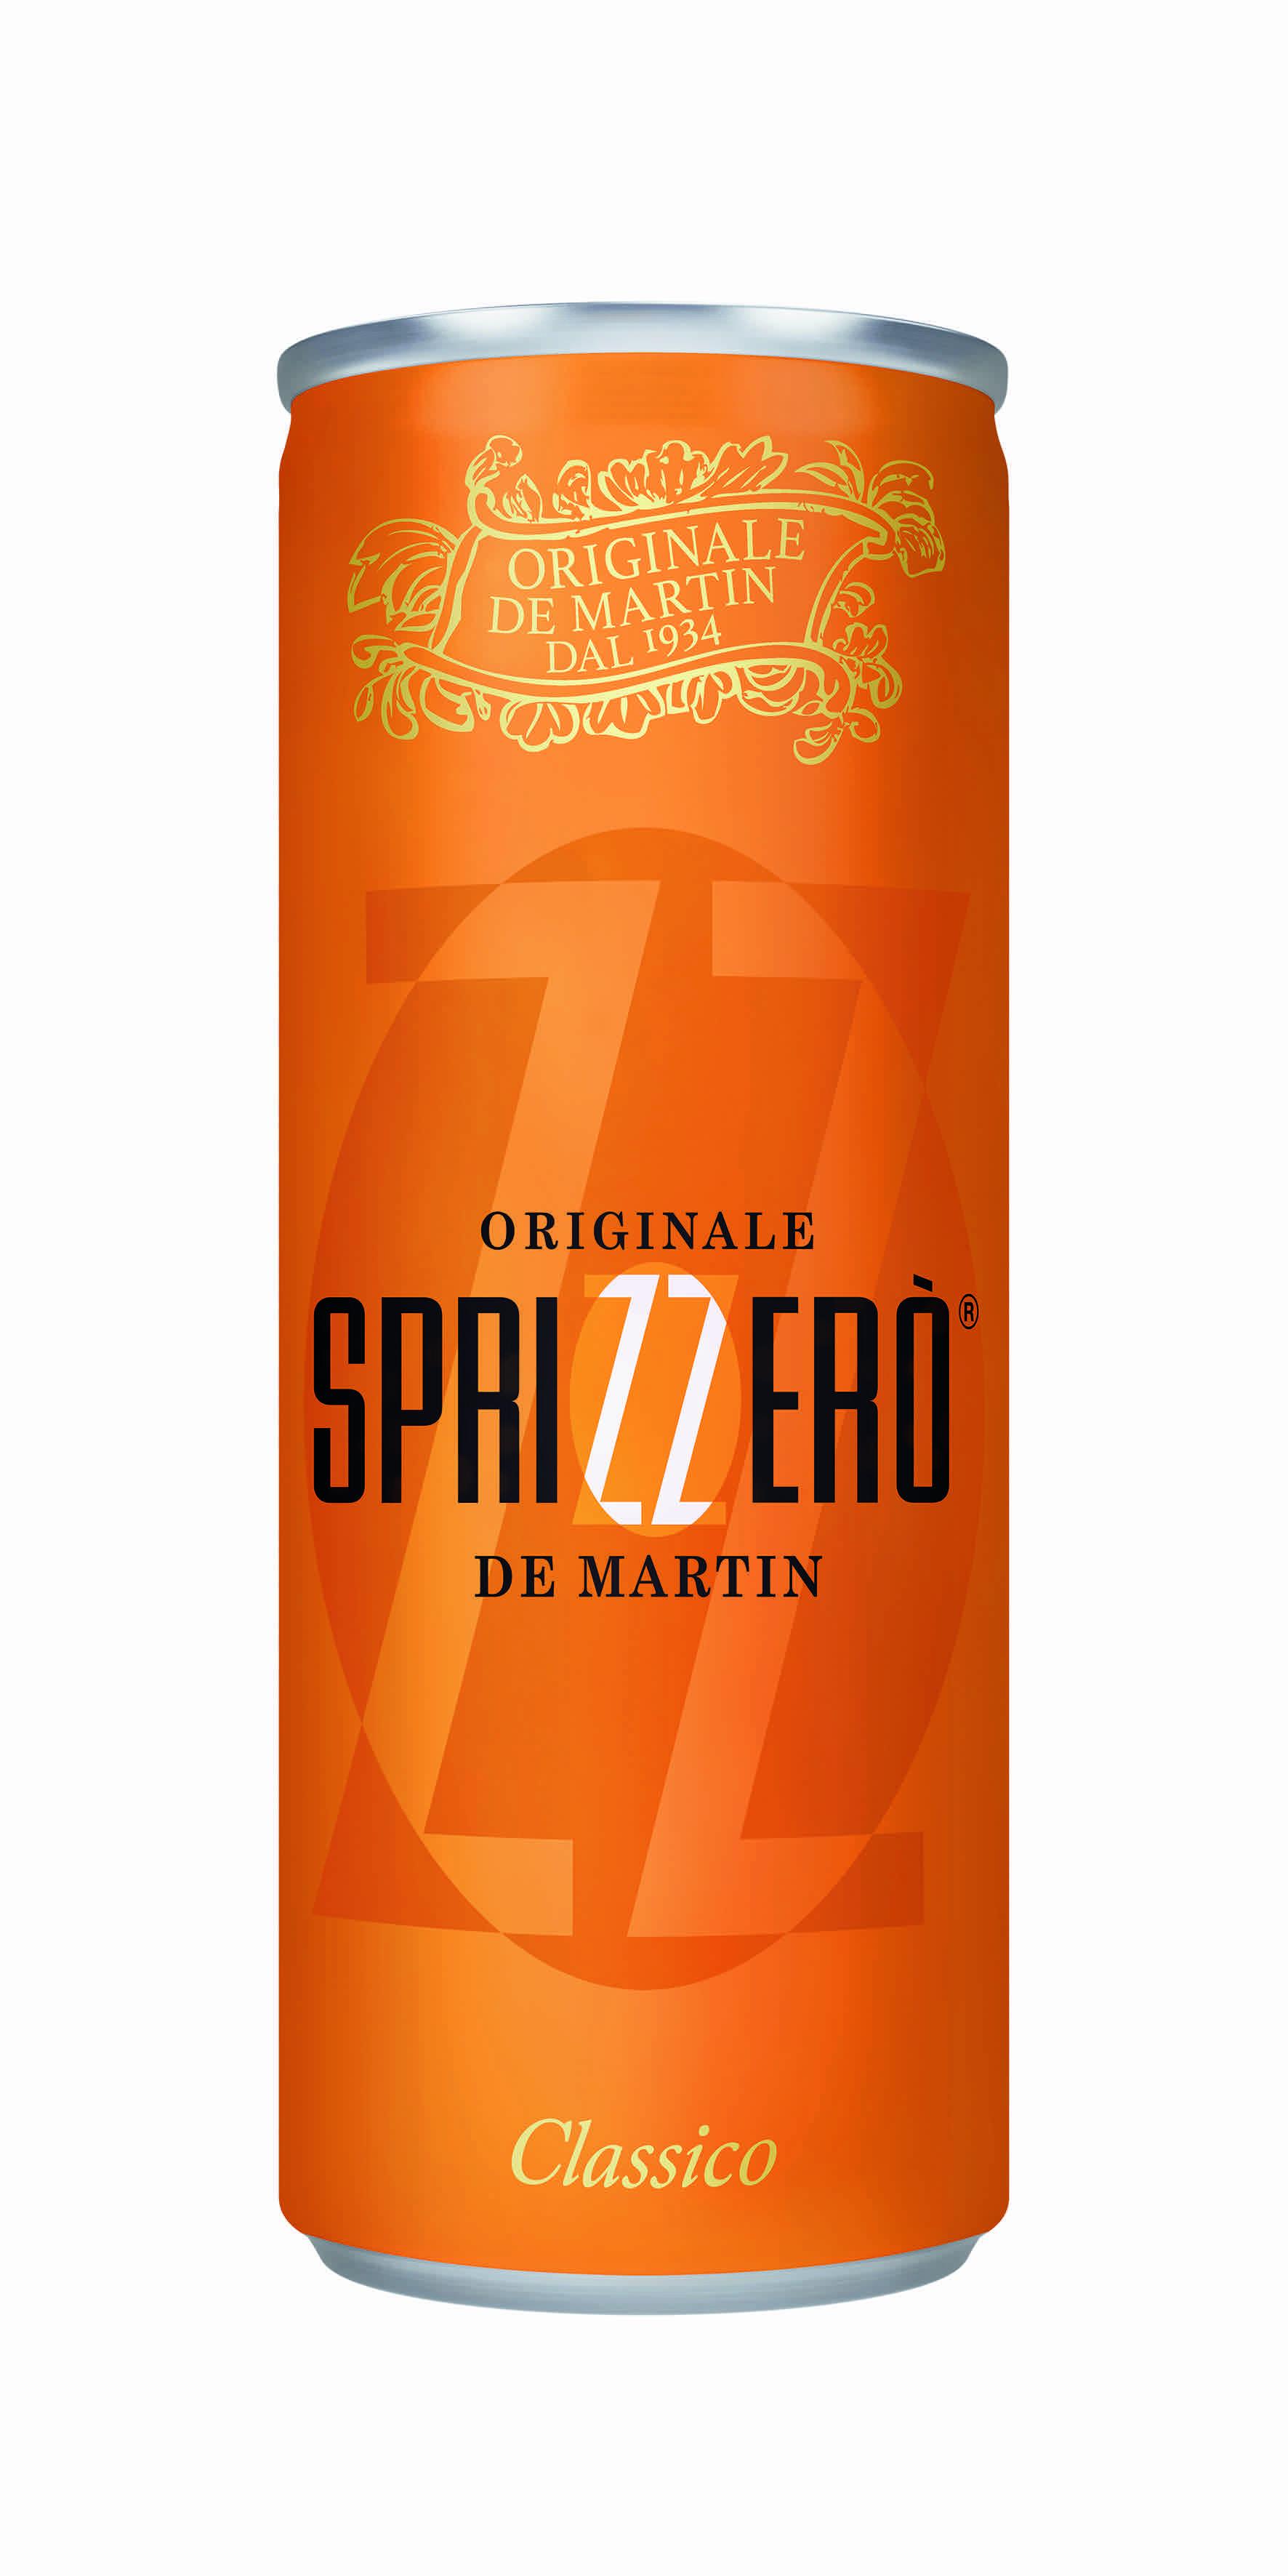 Sprizzero -  Il vero aperitifo italiano